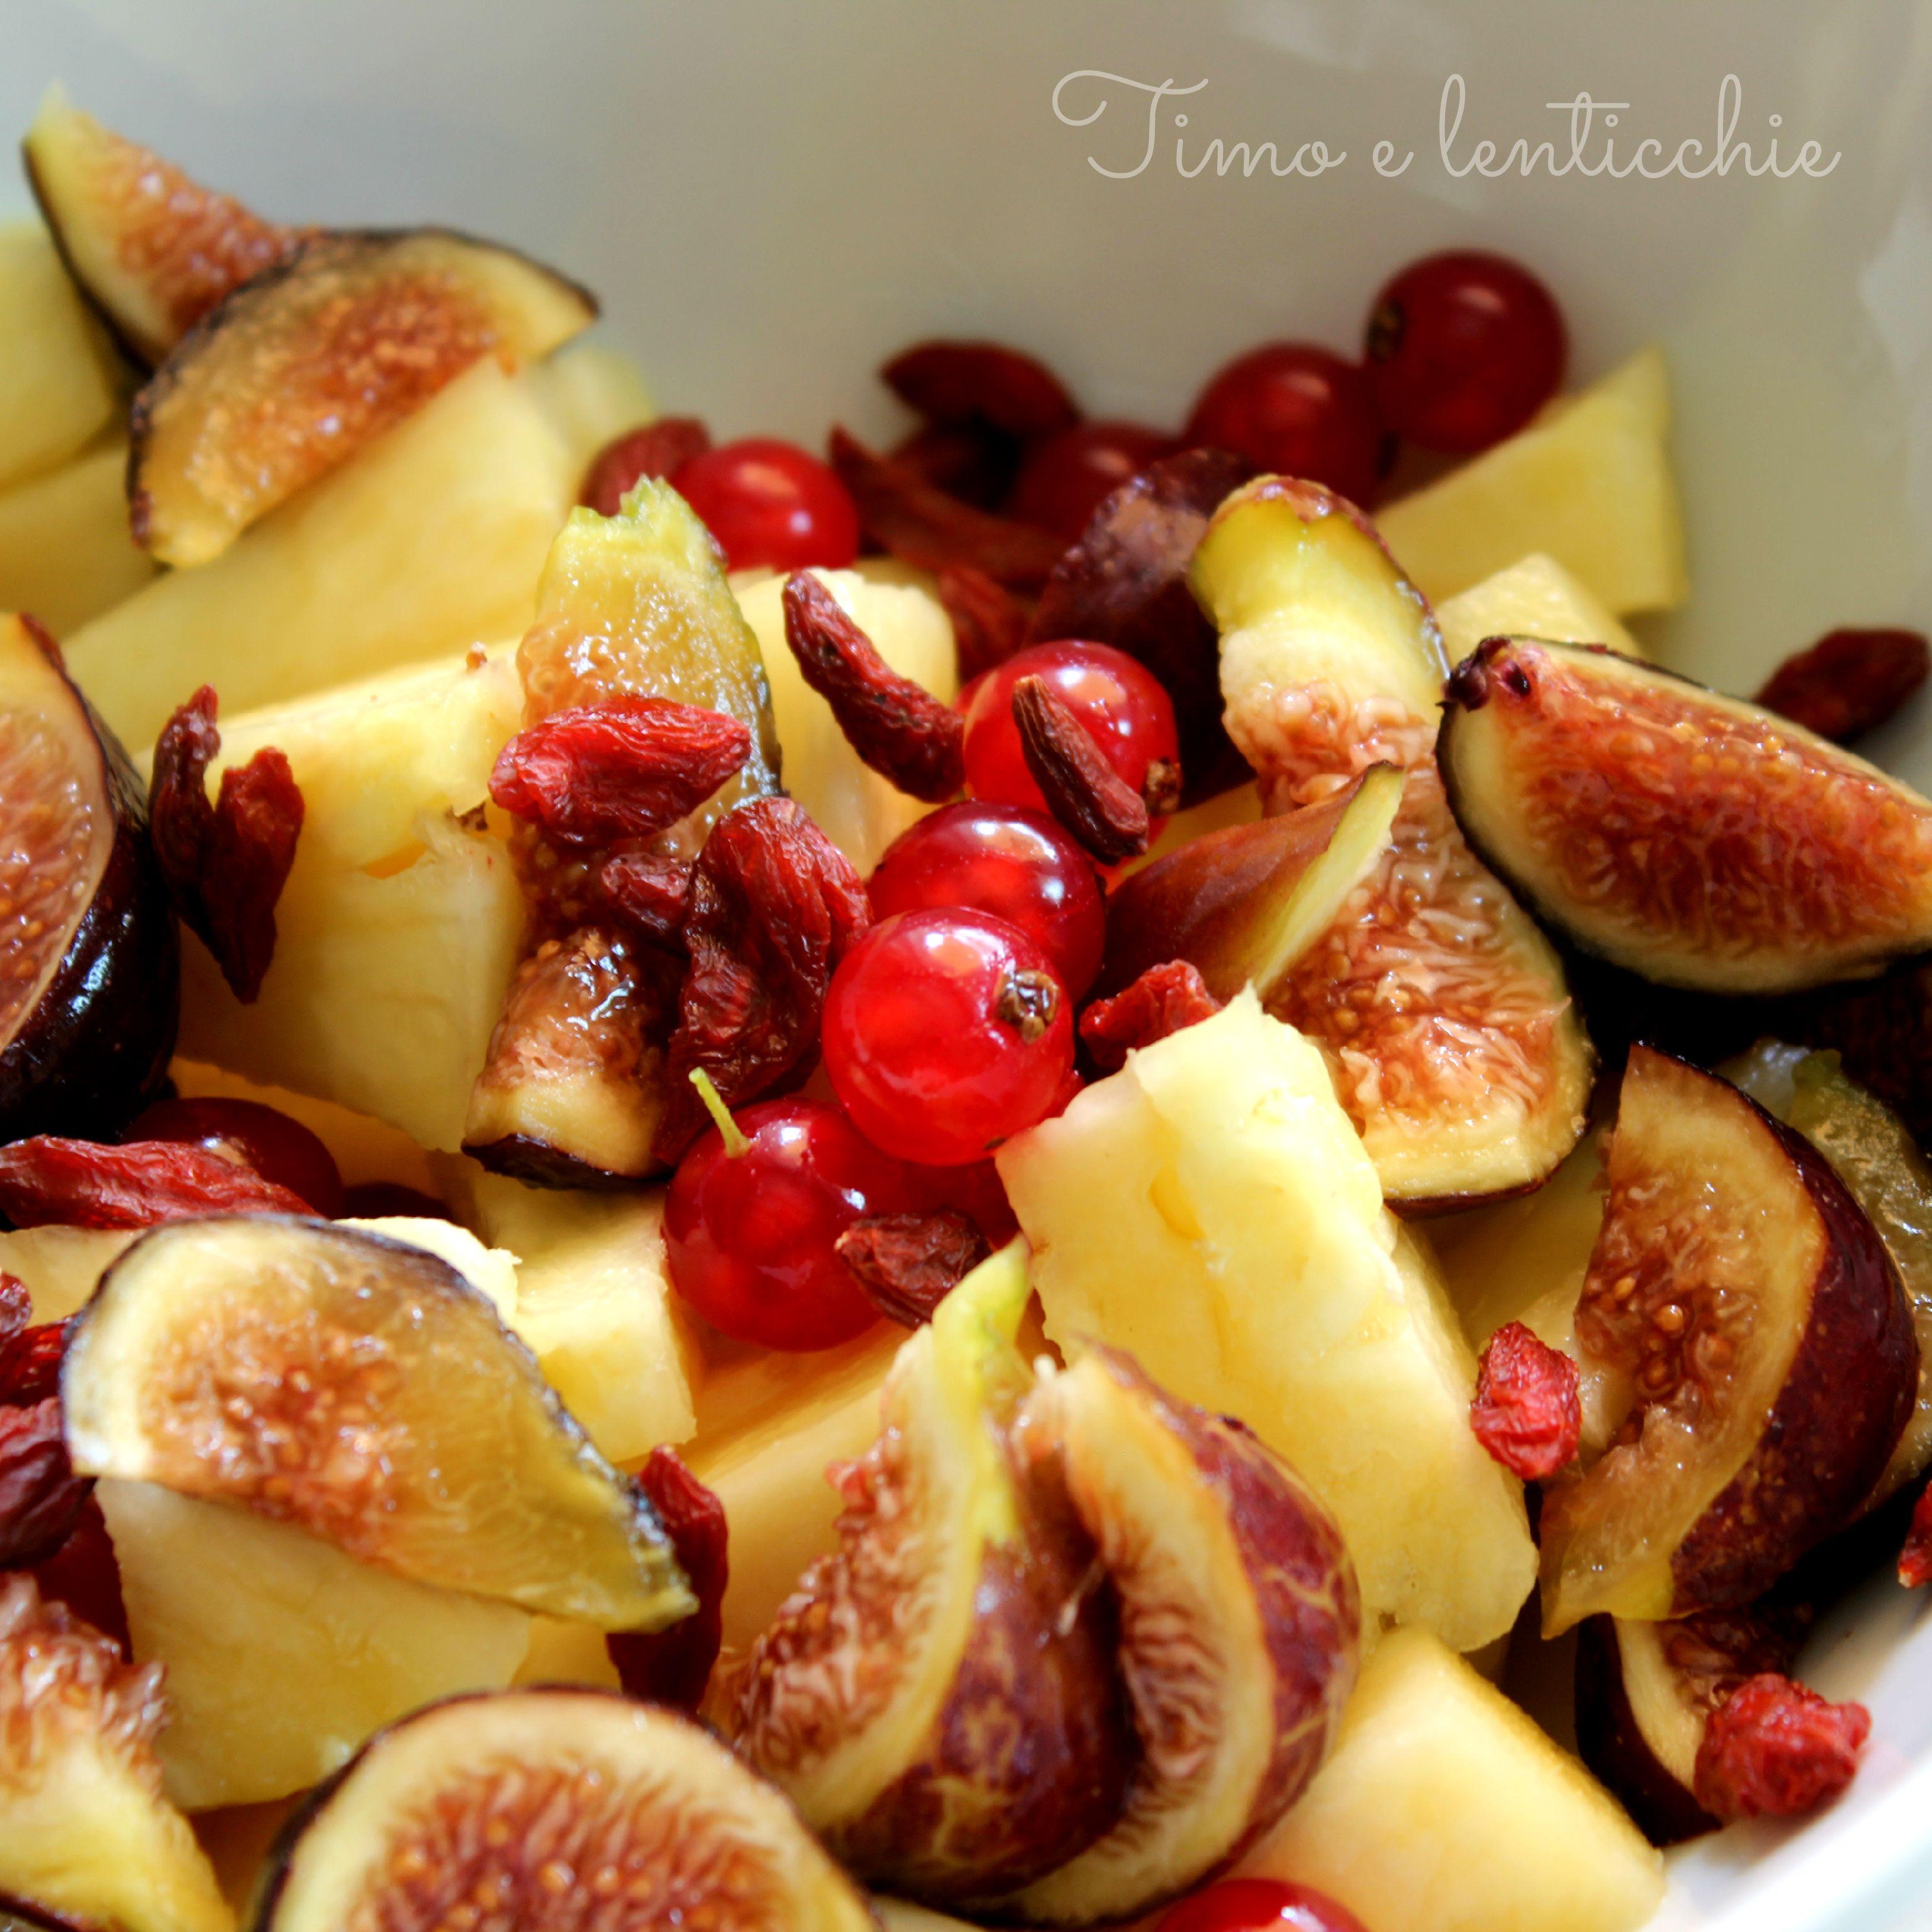 insalata di frutta estiva 1200